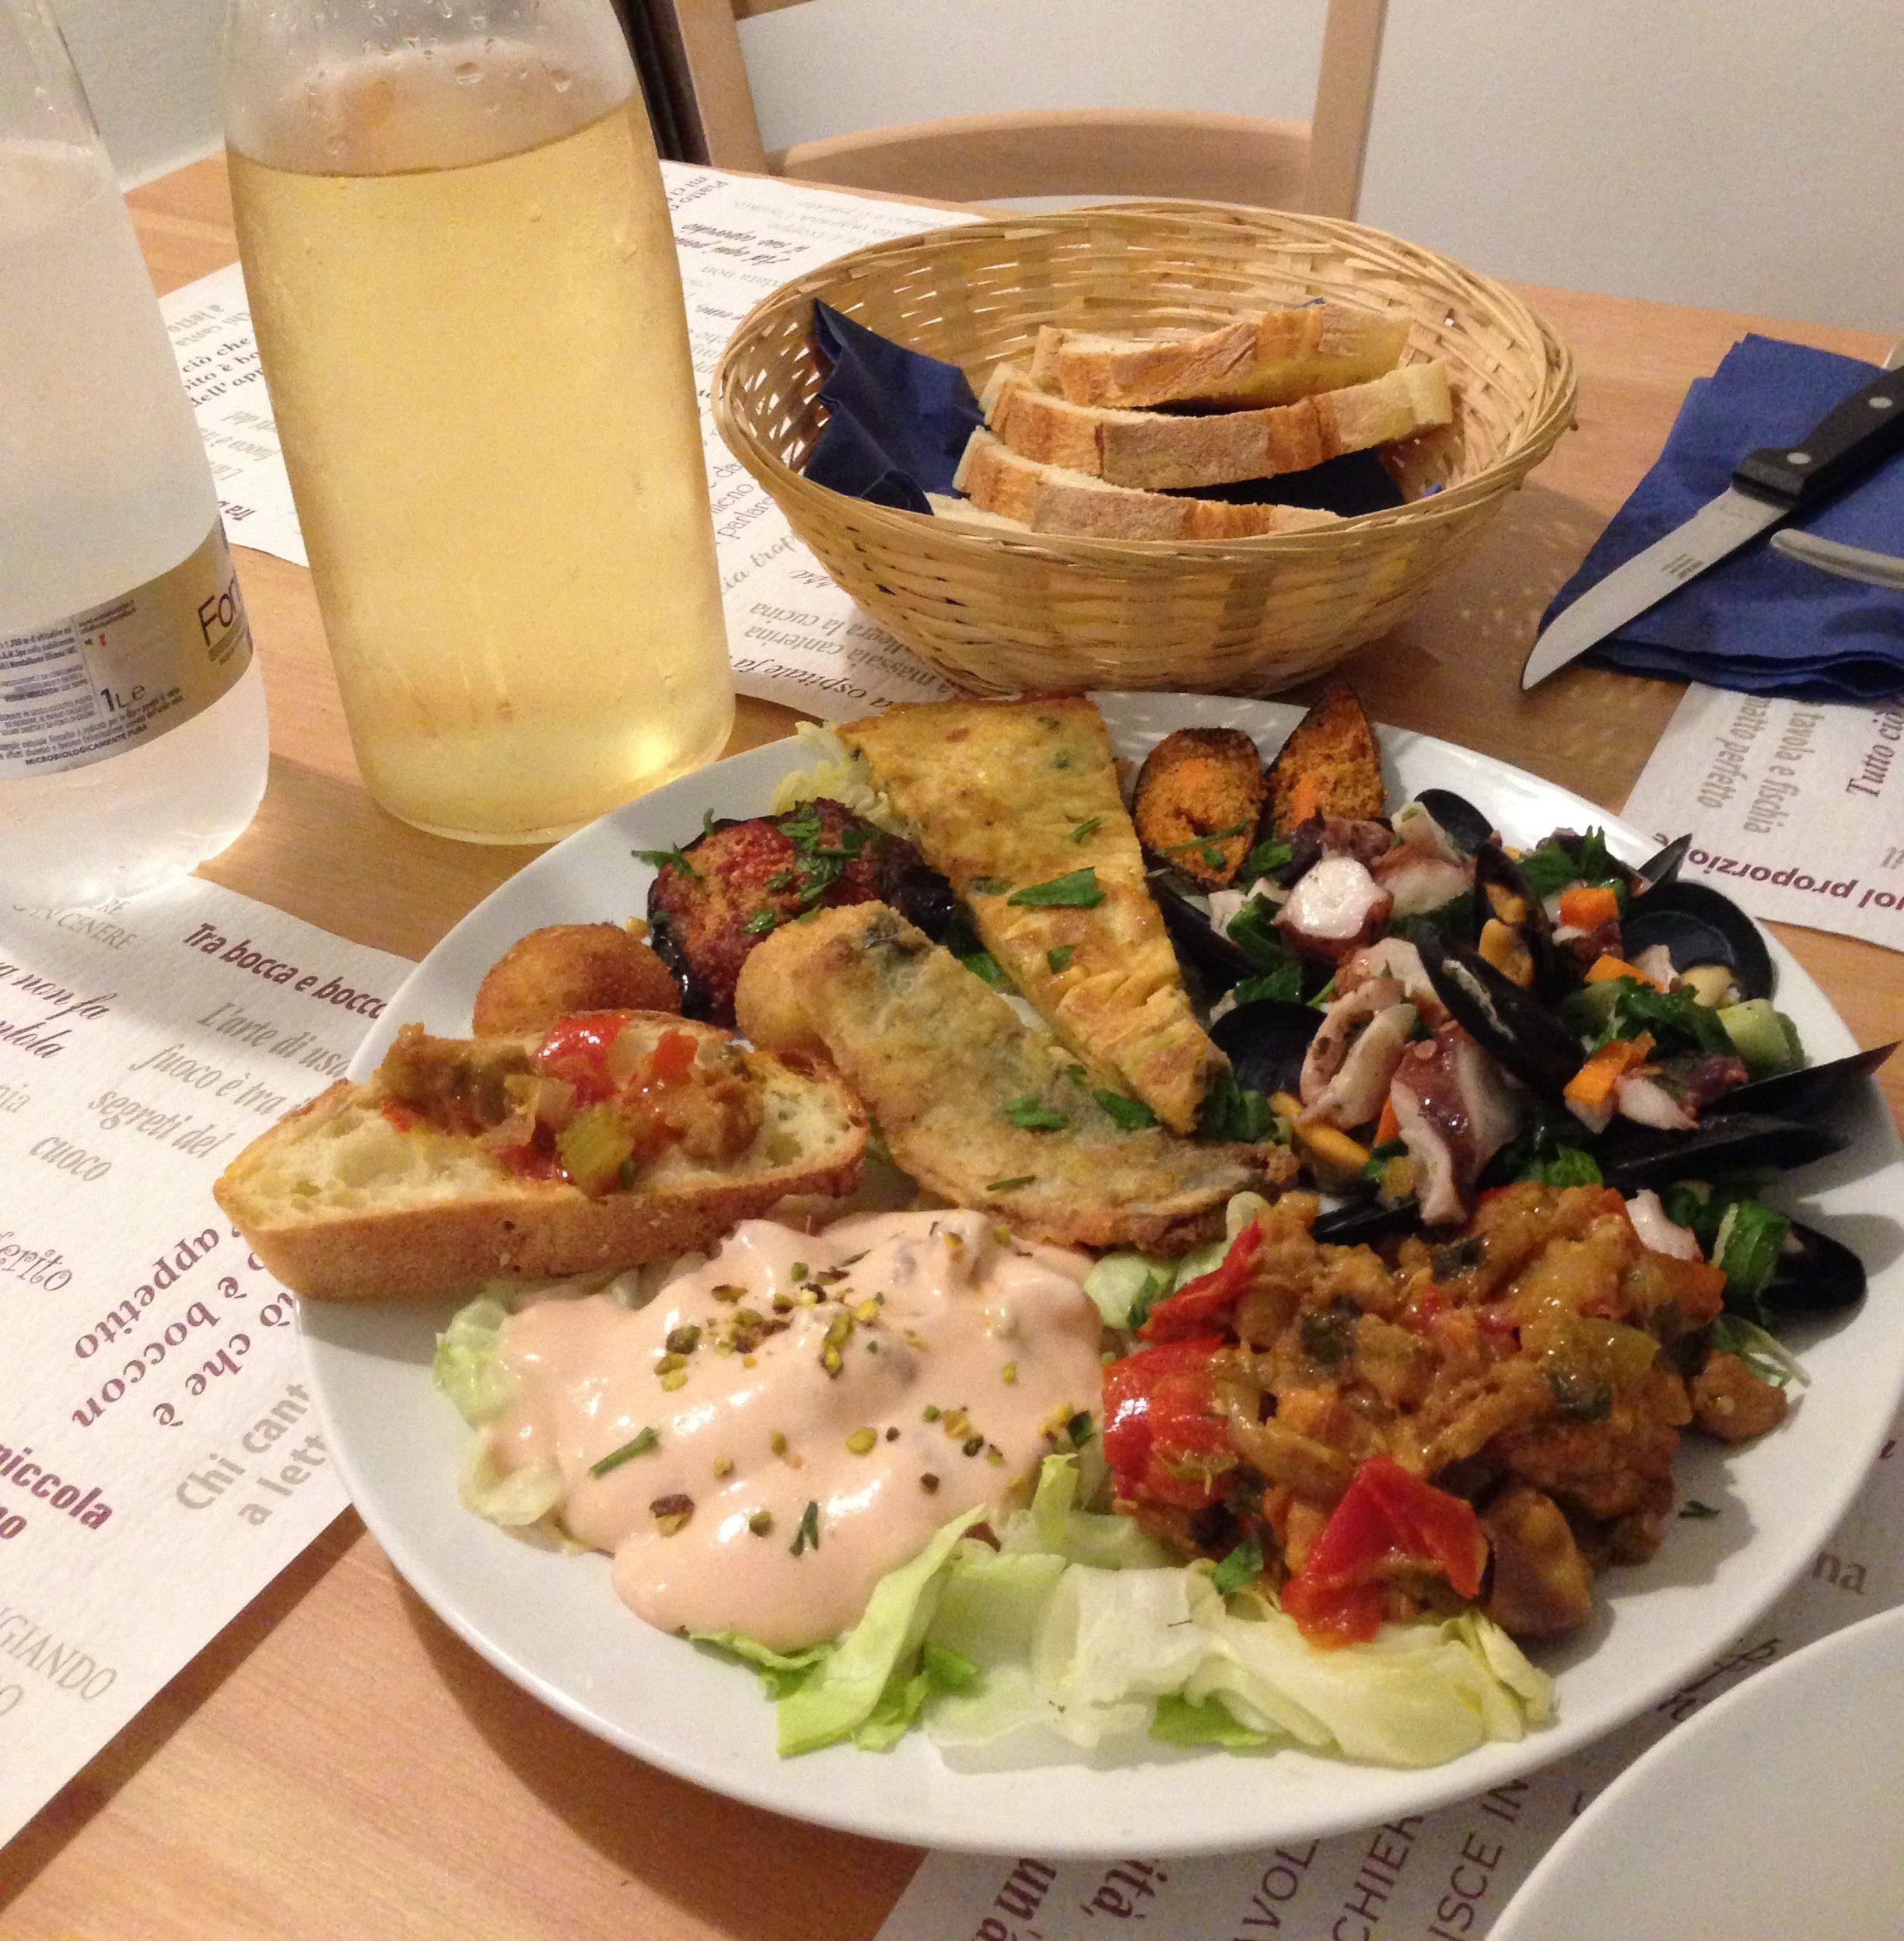 Sicilian Starter Plate: pannelle, brushetta, caponata and more